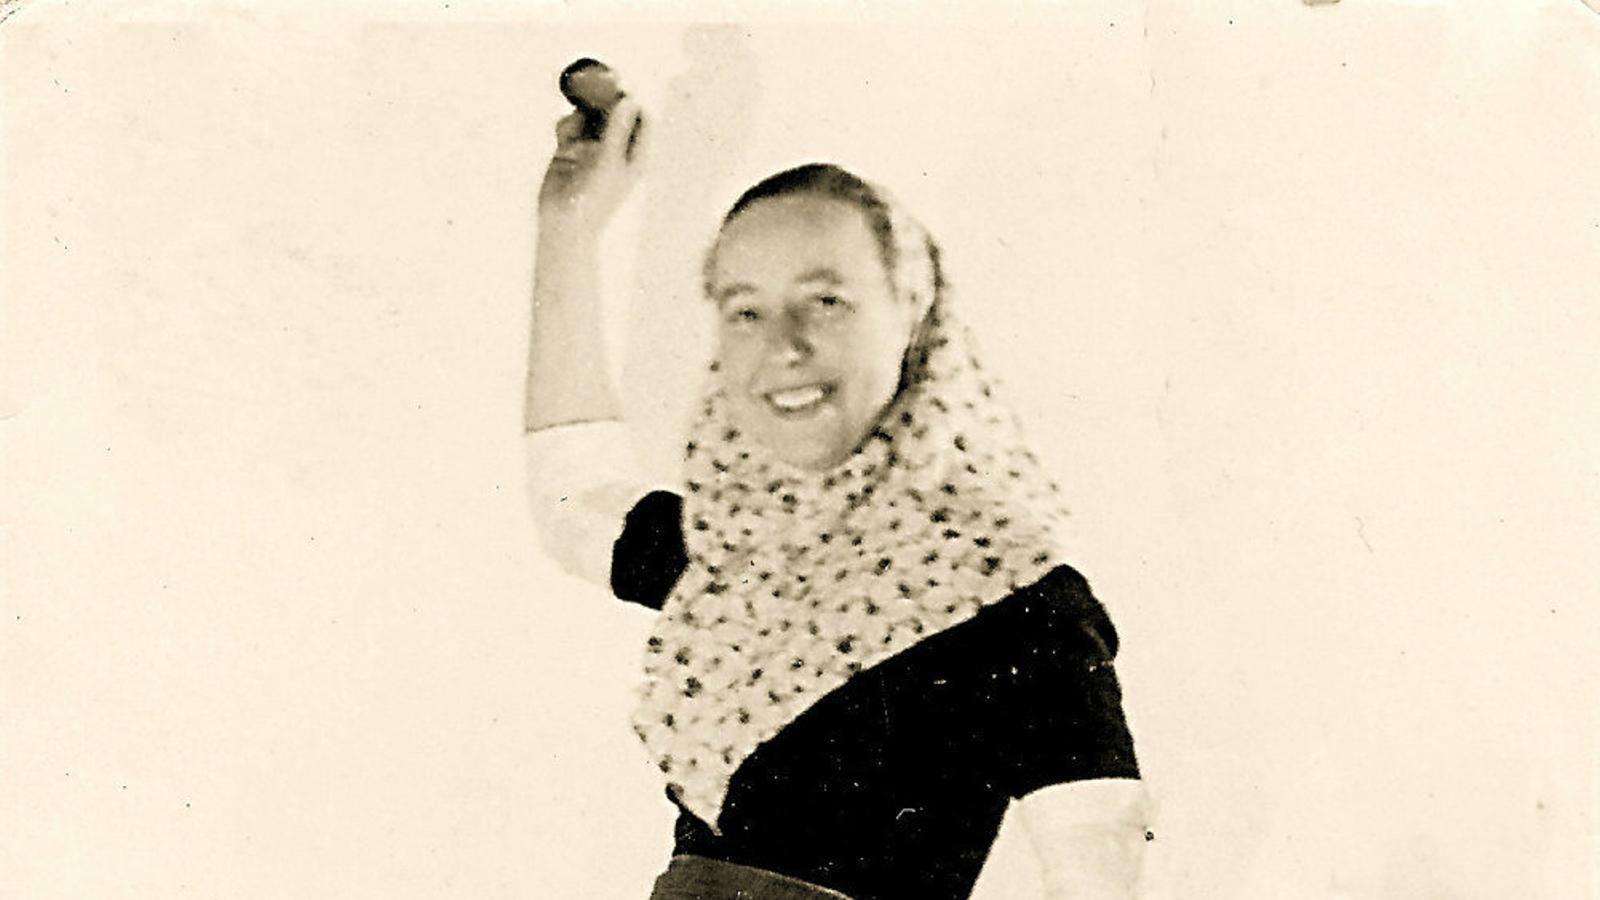 ARXIUS HISTÒRICS  1. Lissy, dona del refugiat esporlerí Hans Mayer Classen. 2. Targeta de Foto Esporlas, botiga de fotografia de Frischer. 3. Després de refugiar-se a Palma, Kauffmann va passar pel camp de concentració de Miranda de Ebro.